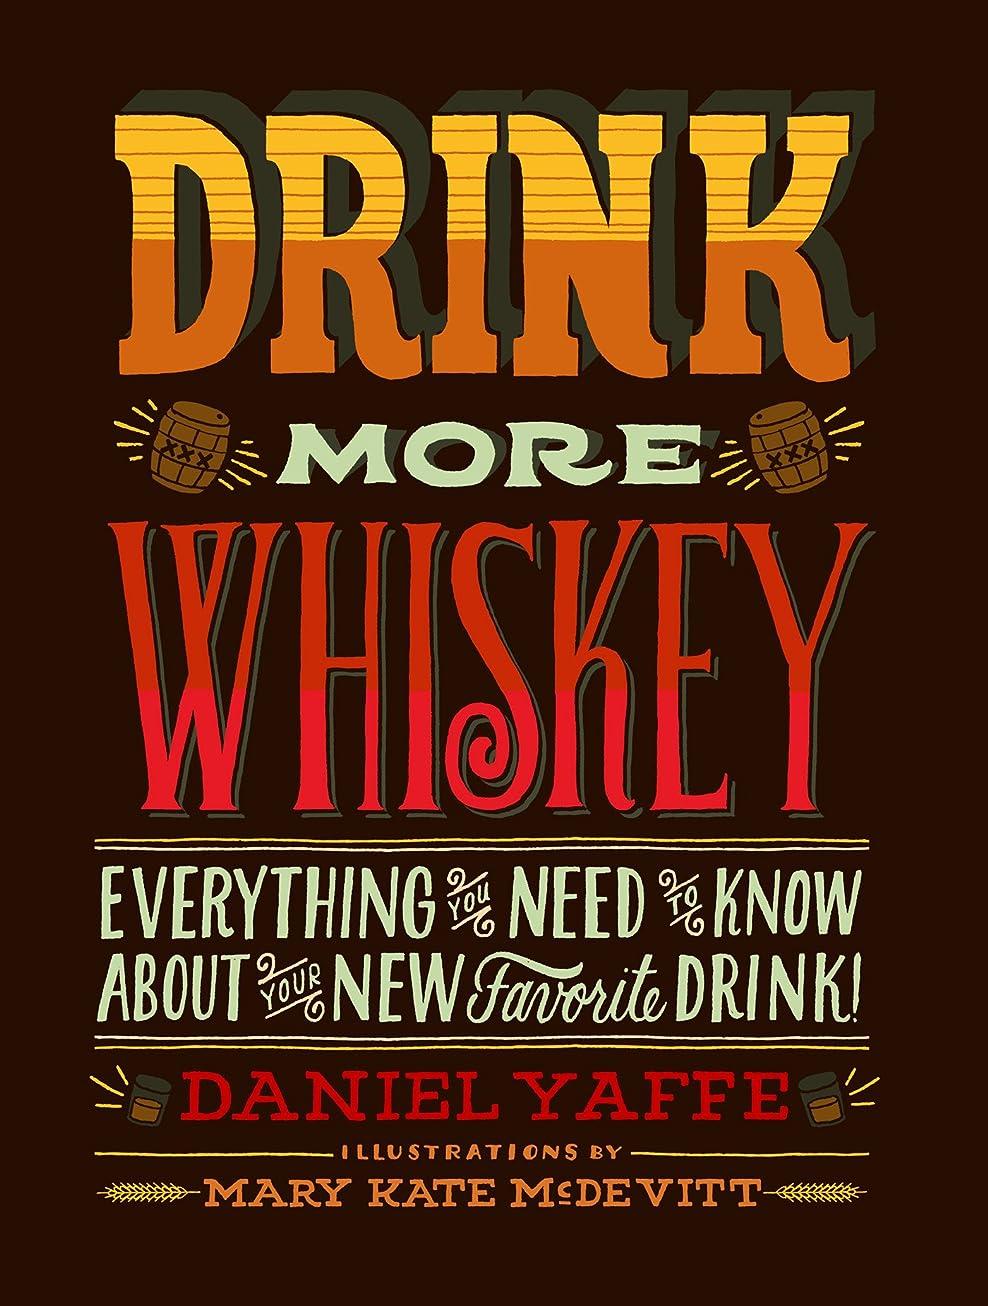 気分が悪い繊毛童謡Drink More Whiskey: Everything You Need to Know About Your New Favorite Drink! (English Edition)